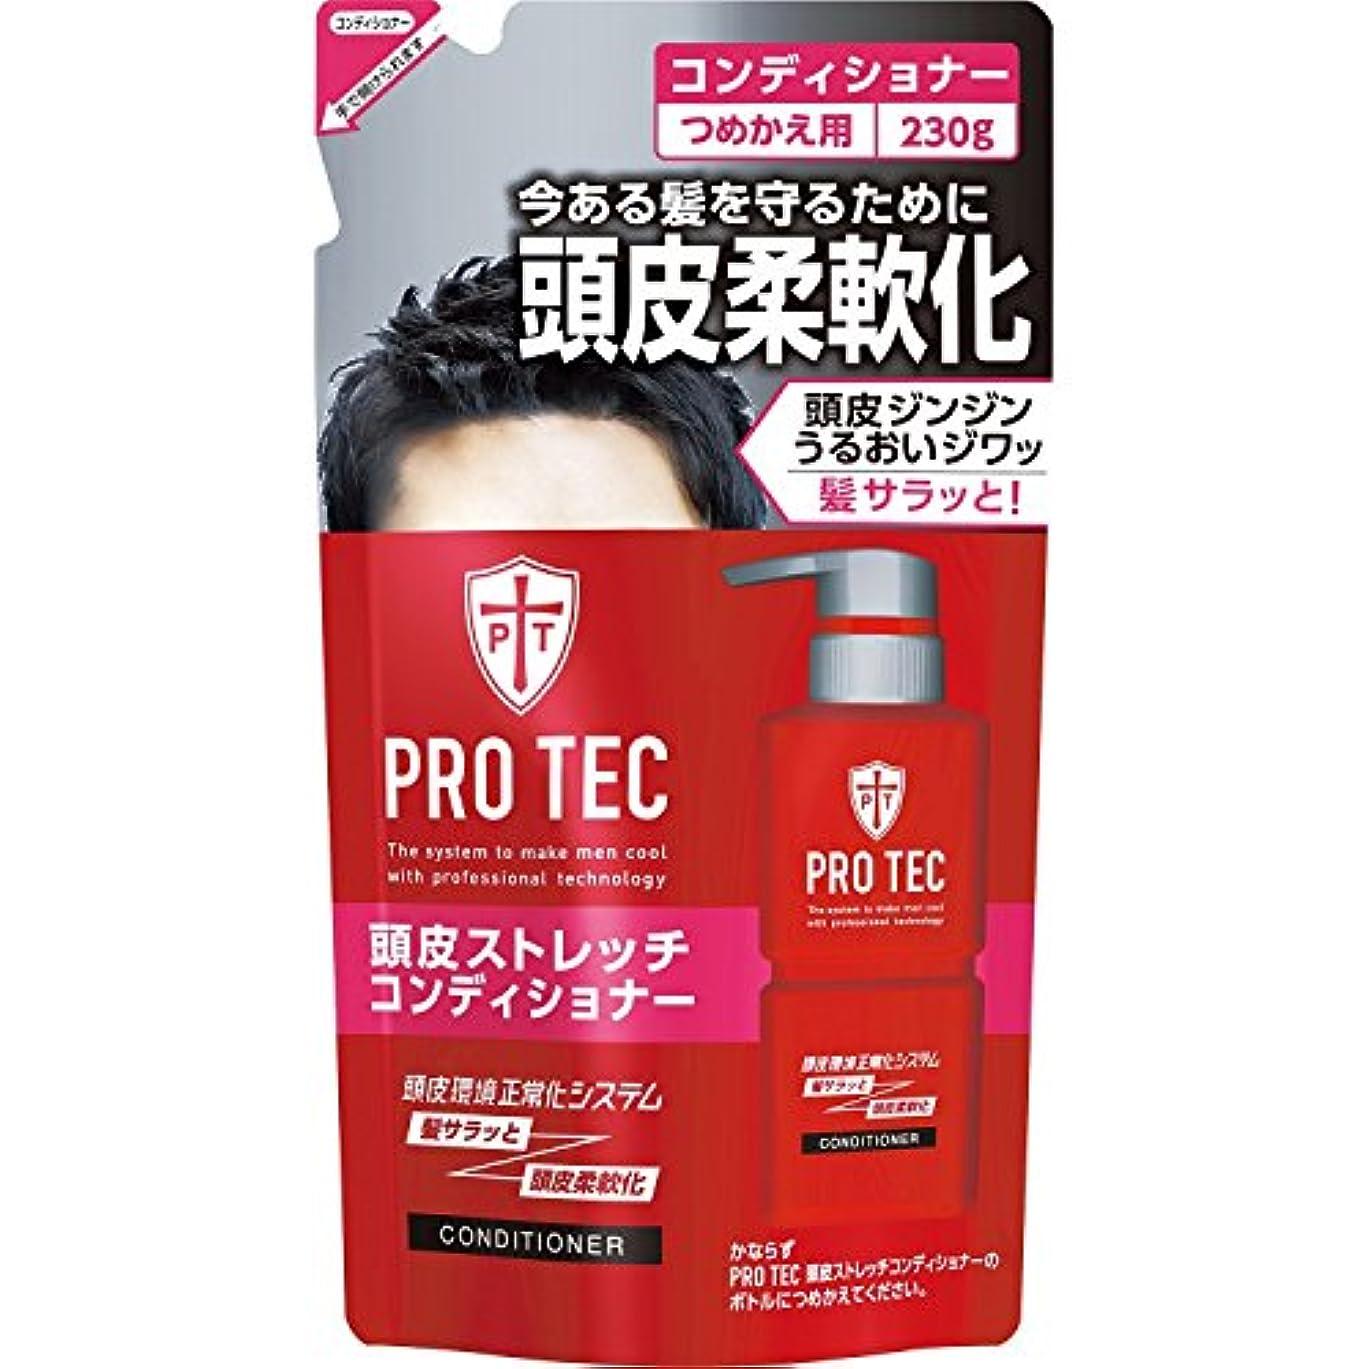 決めます朝ごはんリードPRO TEC(プロテク) 頭皮ストレッチコンディショナー つめかえ用 230g ×20個セット